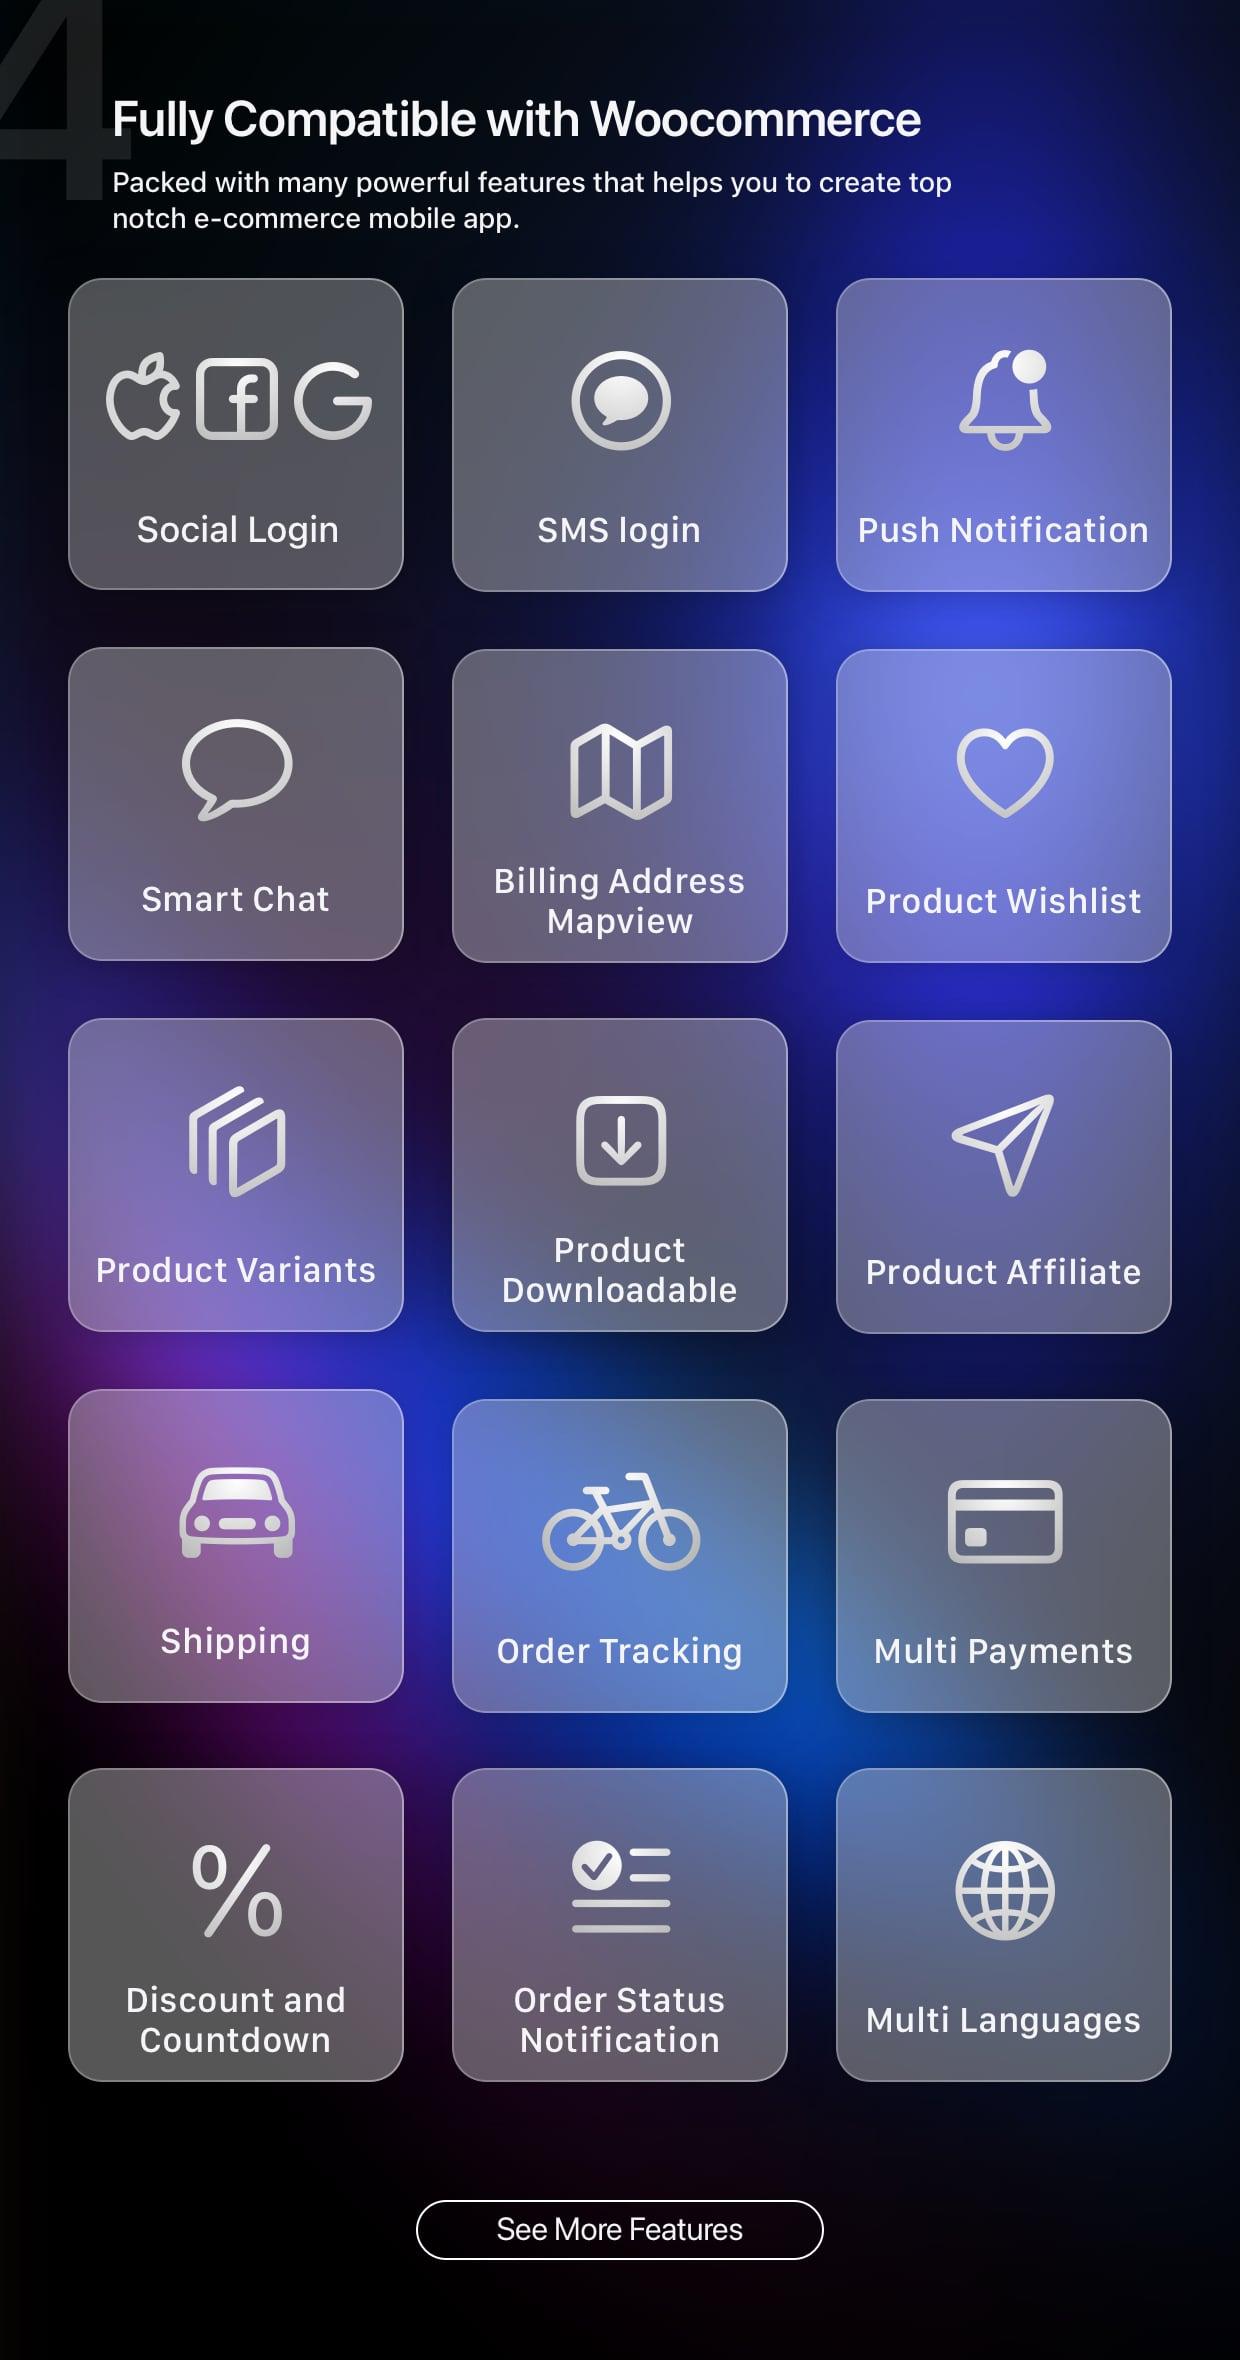 68747470733a2f2f7472656c6c6f2d6174746163686d656e74732e73332e616d617a6f6e6177732e636f6d2f3564323933323564323030306566326661643336333435662f3566643937656330616337313634343733353166303763652f37663866303134306432393233643363646261353433396561356432333964632f52342e6a7067 - دانلود سورس متن باز اپلیکیشن موبایل Fluxstore Multi Vendor